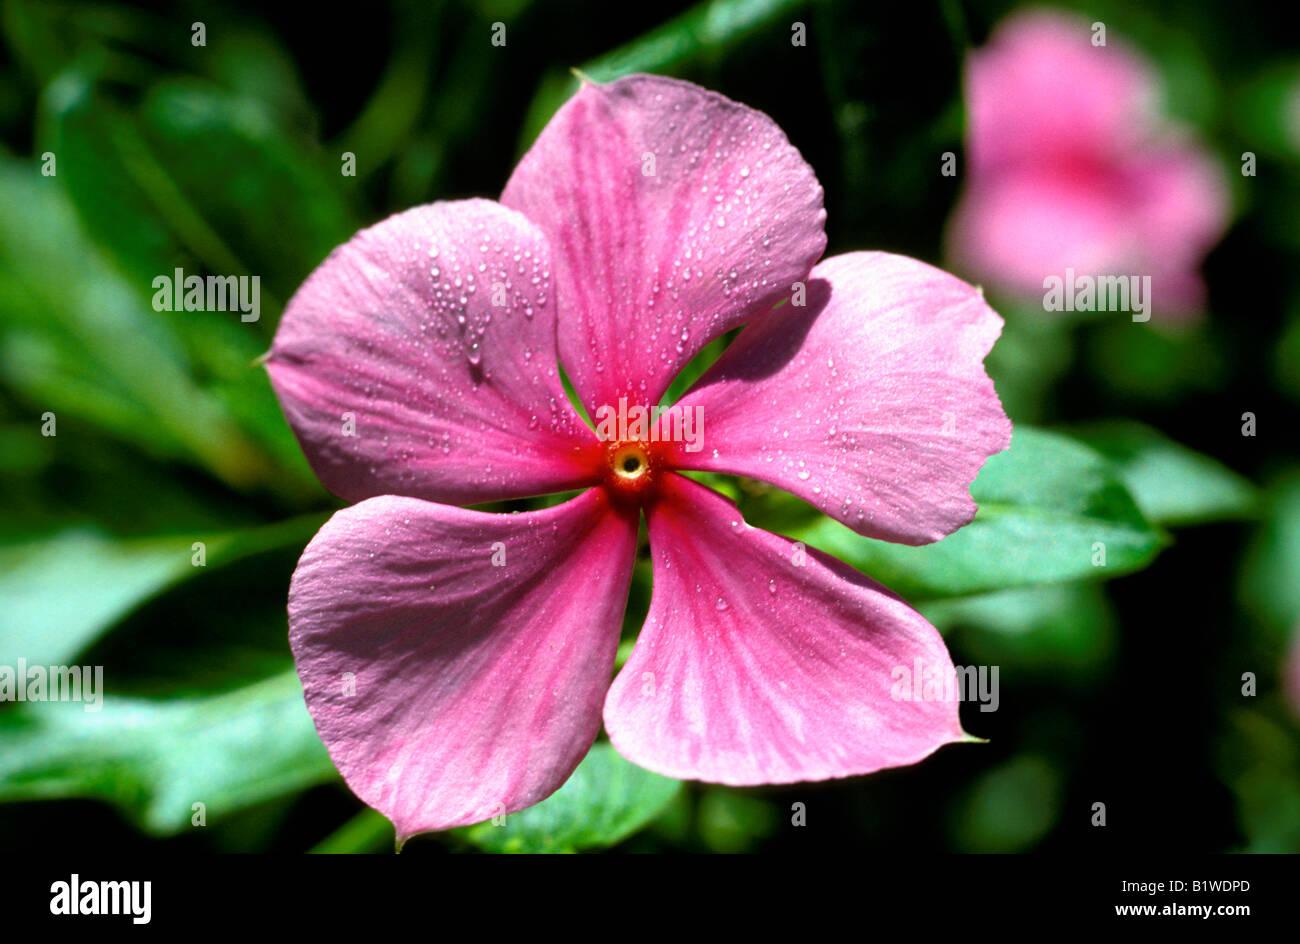 impatience Fleissiges Lieschen Busy Lizzie Balsam Impatiens walleriana flowering Balkonpflanzen Balsamiengewaechse Balsaminaceae Stock Photo